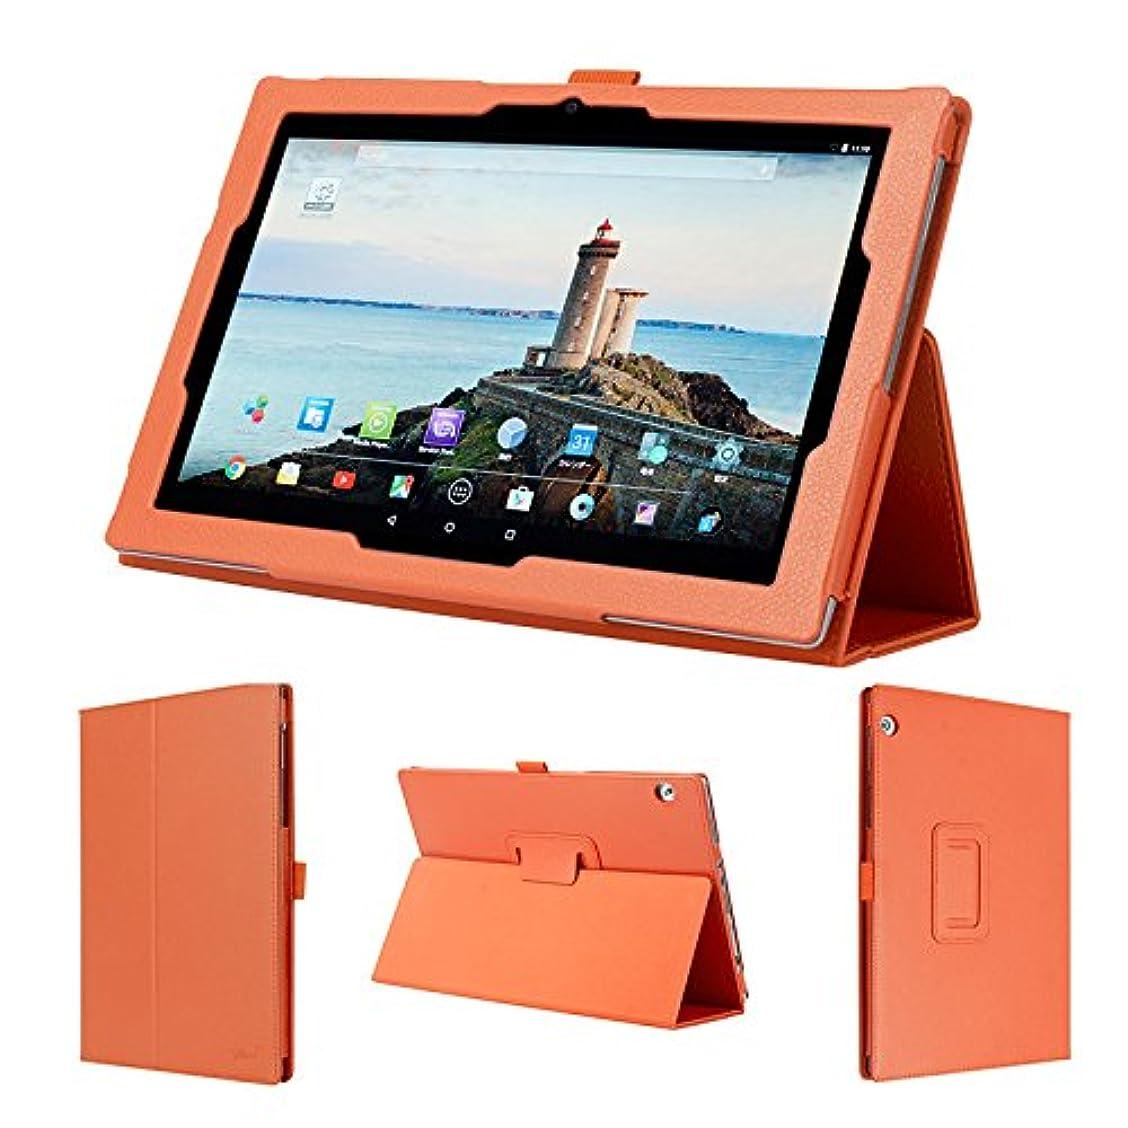 メディア無しポークwisers 保護フィルム?タッチペン付 東芝 Toshiba dynabook Tab S80/A 2016年4月発表モデル タブレット 専用 ケース カバー オレンジ